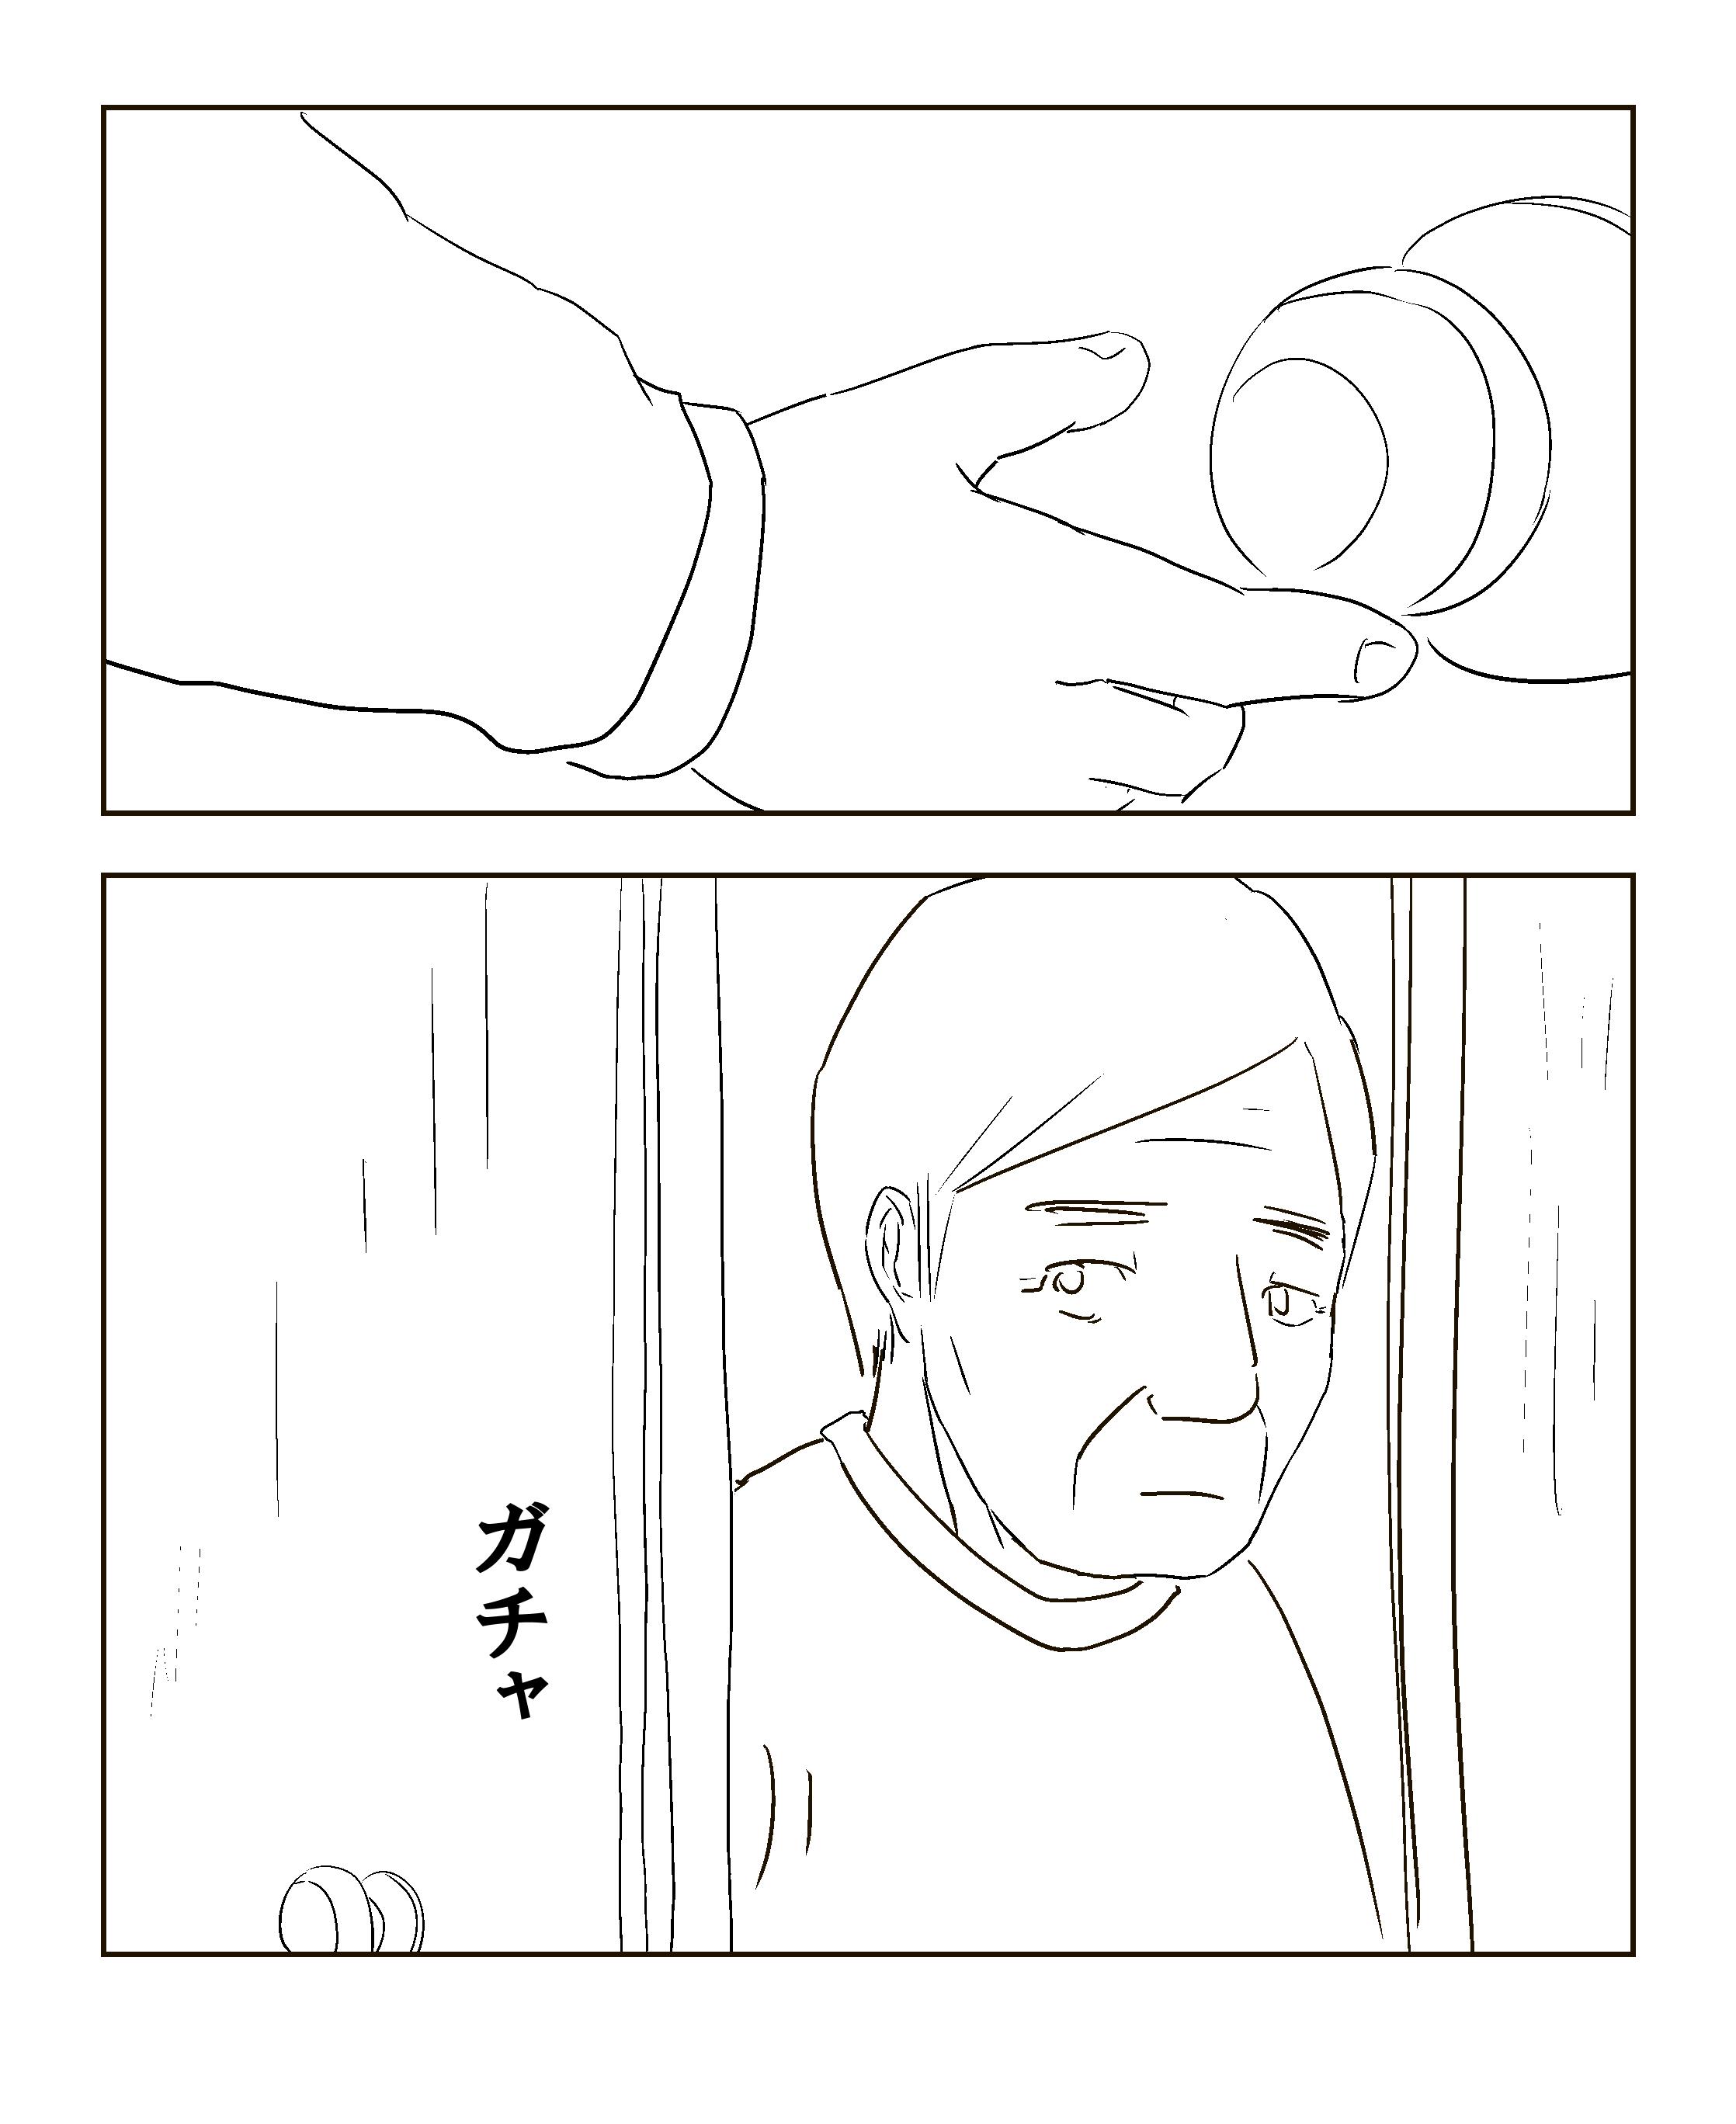 死んだ息子の日記